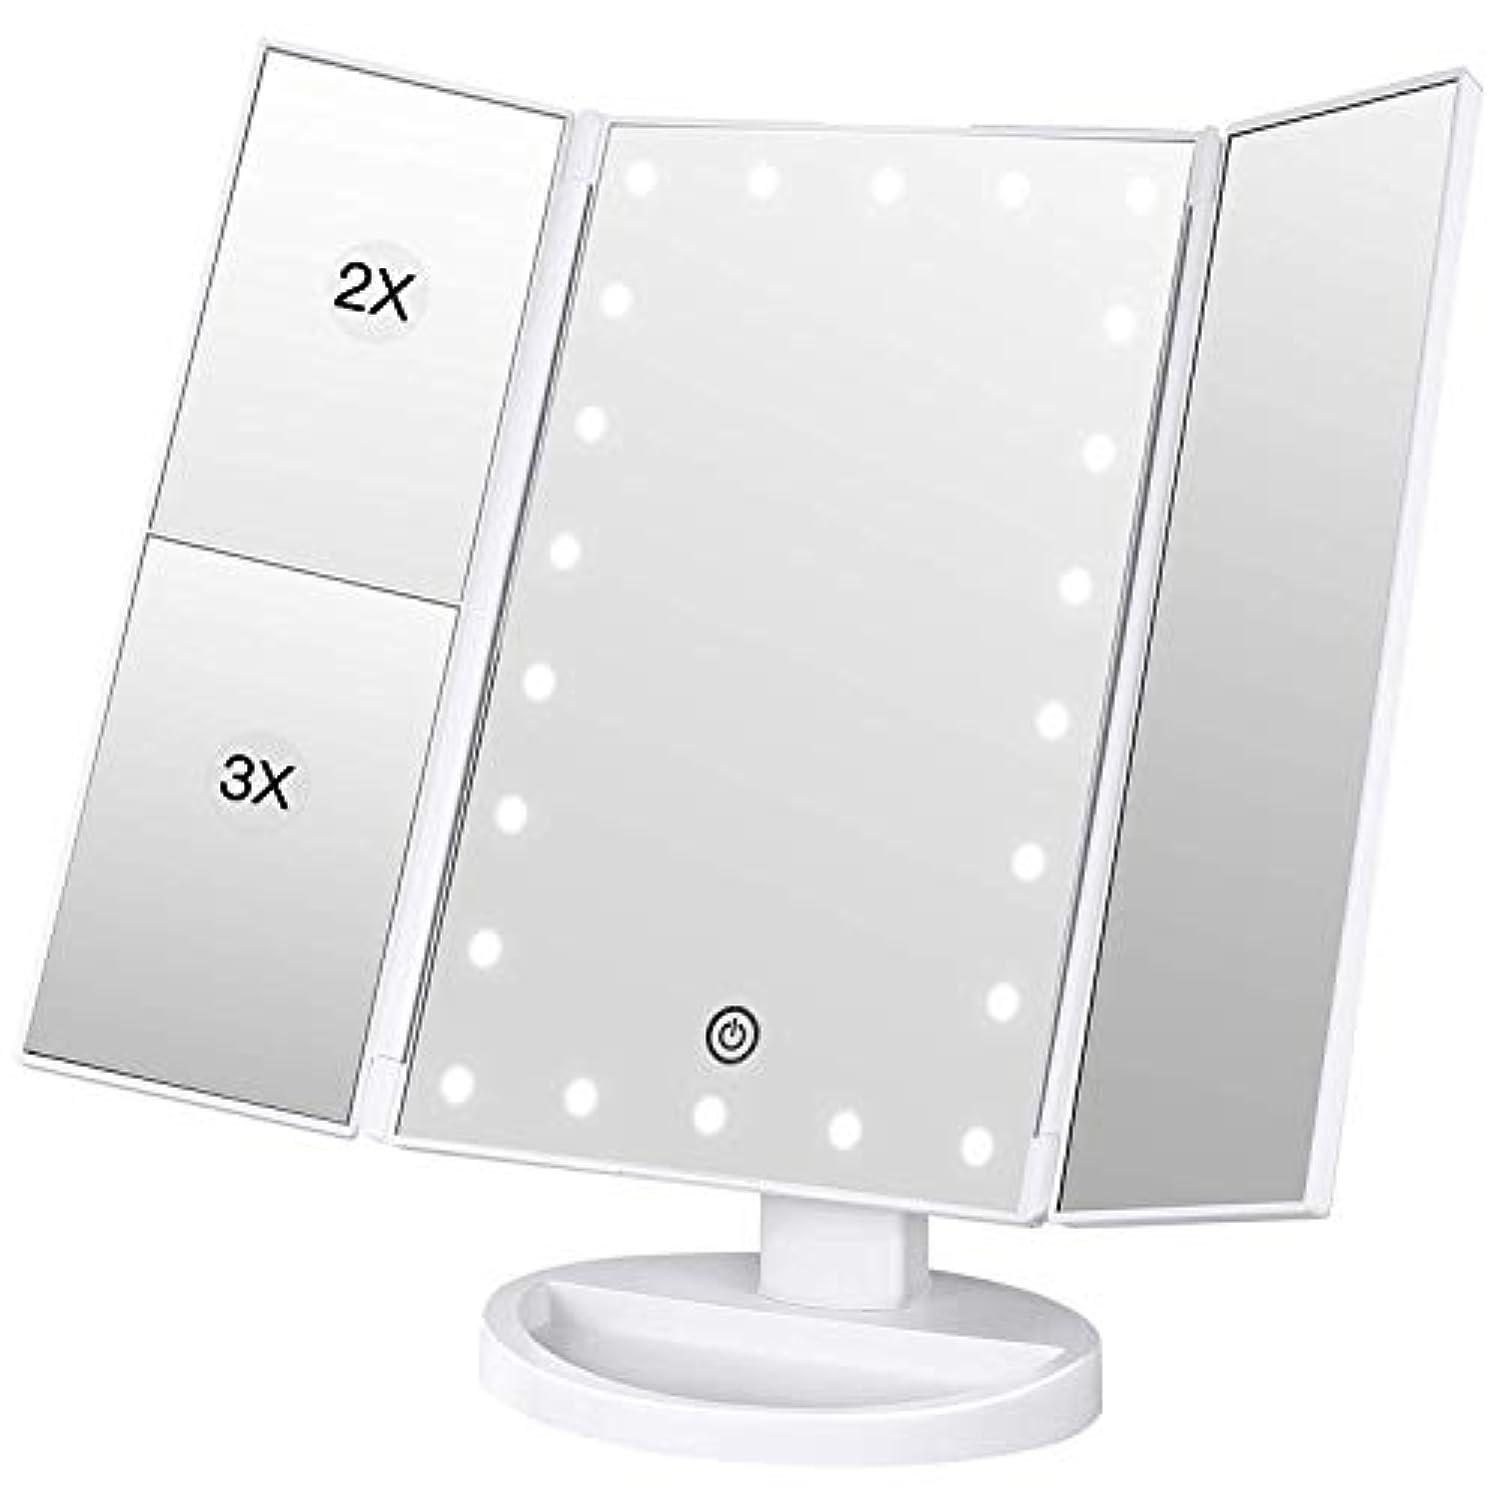 収納ベース付き三面鏡 -化粧鏡 led付き 卓上鏡 折りたたみ 拡大鏡 2倍 3倍 明るさ調節可能 180°回転 電池&USB 2WAY給電 (ホワイト)